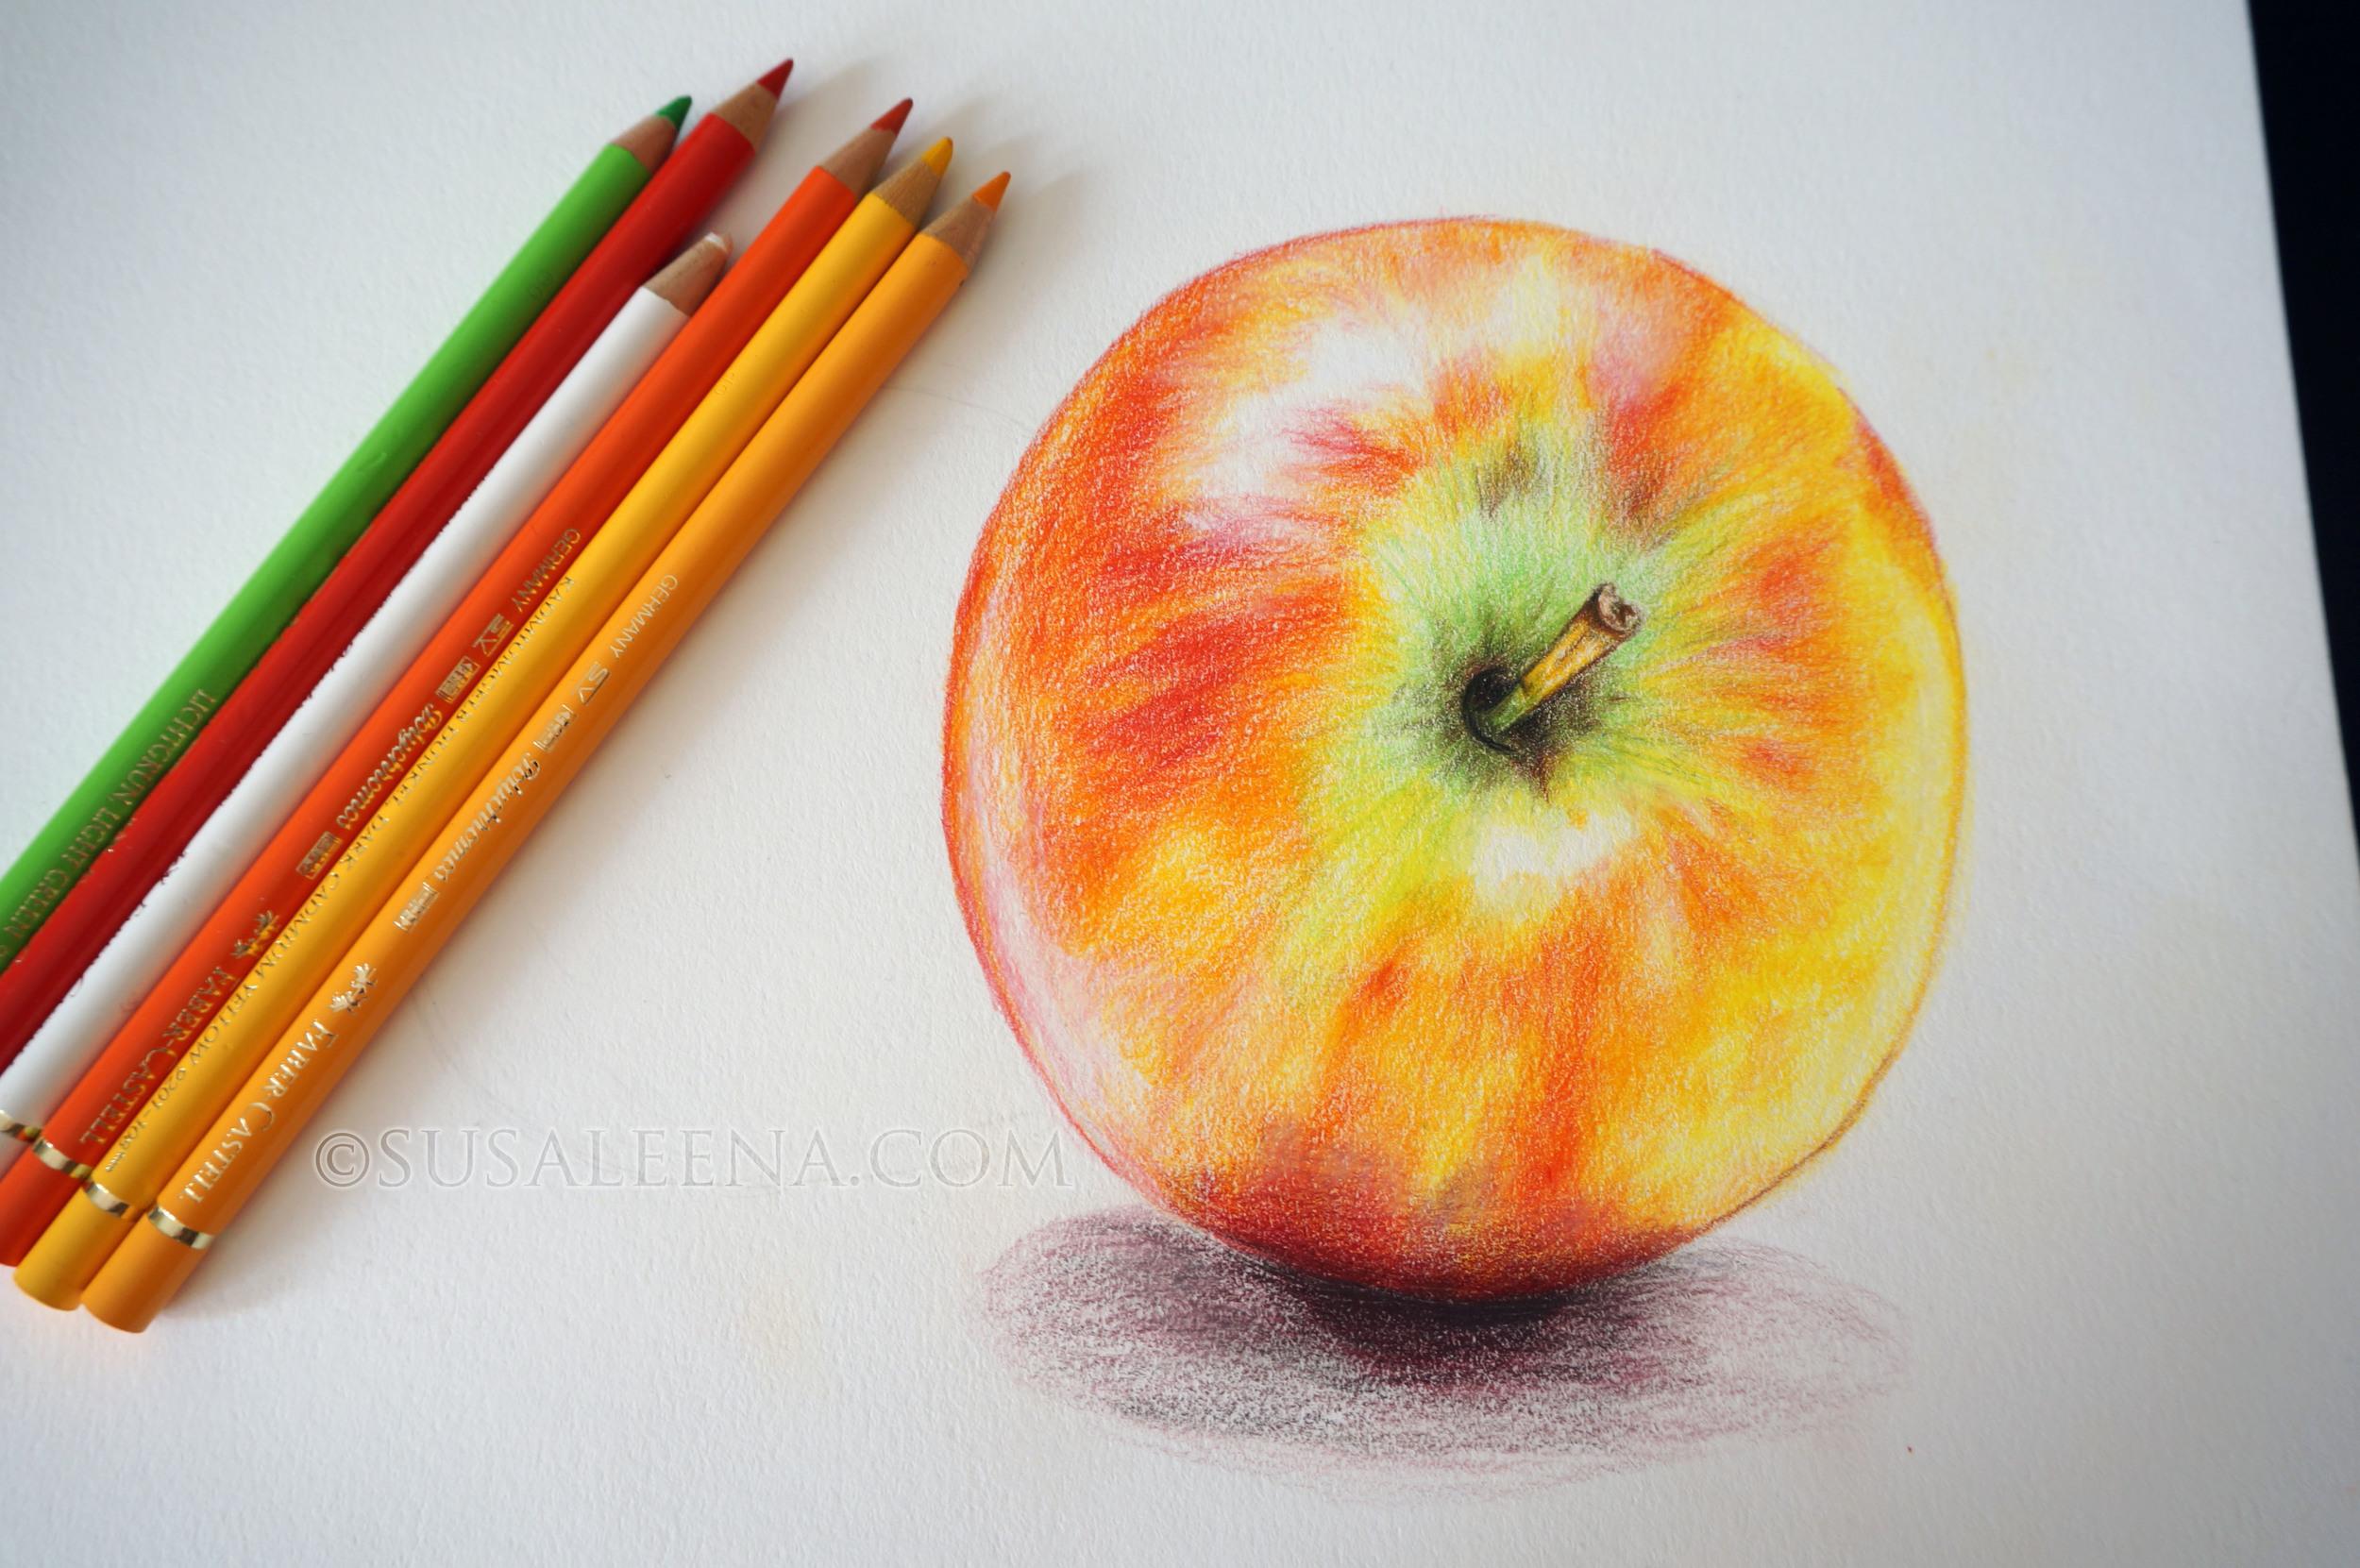 Yummy apple!